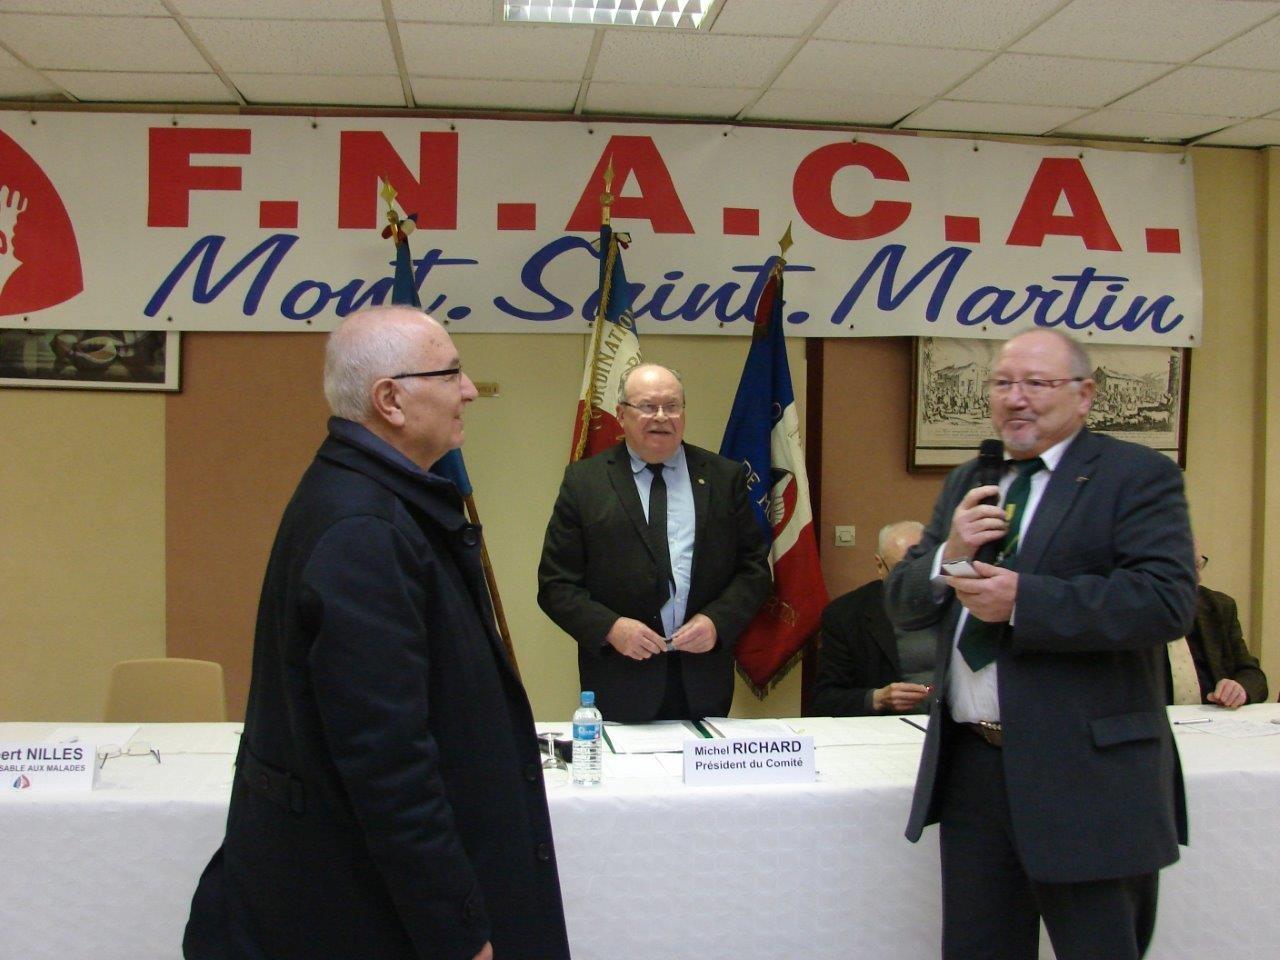 Lors AG de kla Fnaca de Mt St Martin, félicitations au récipiendaire